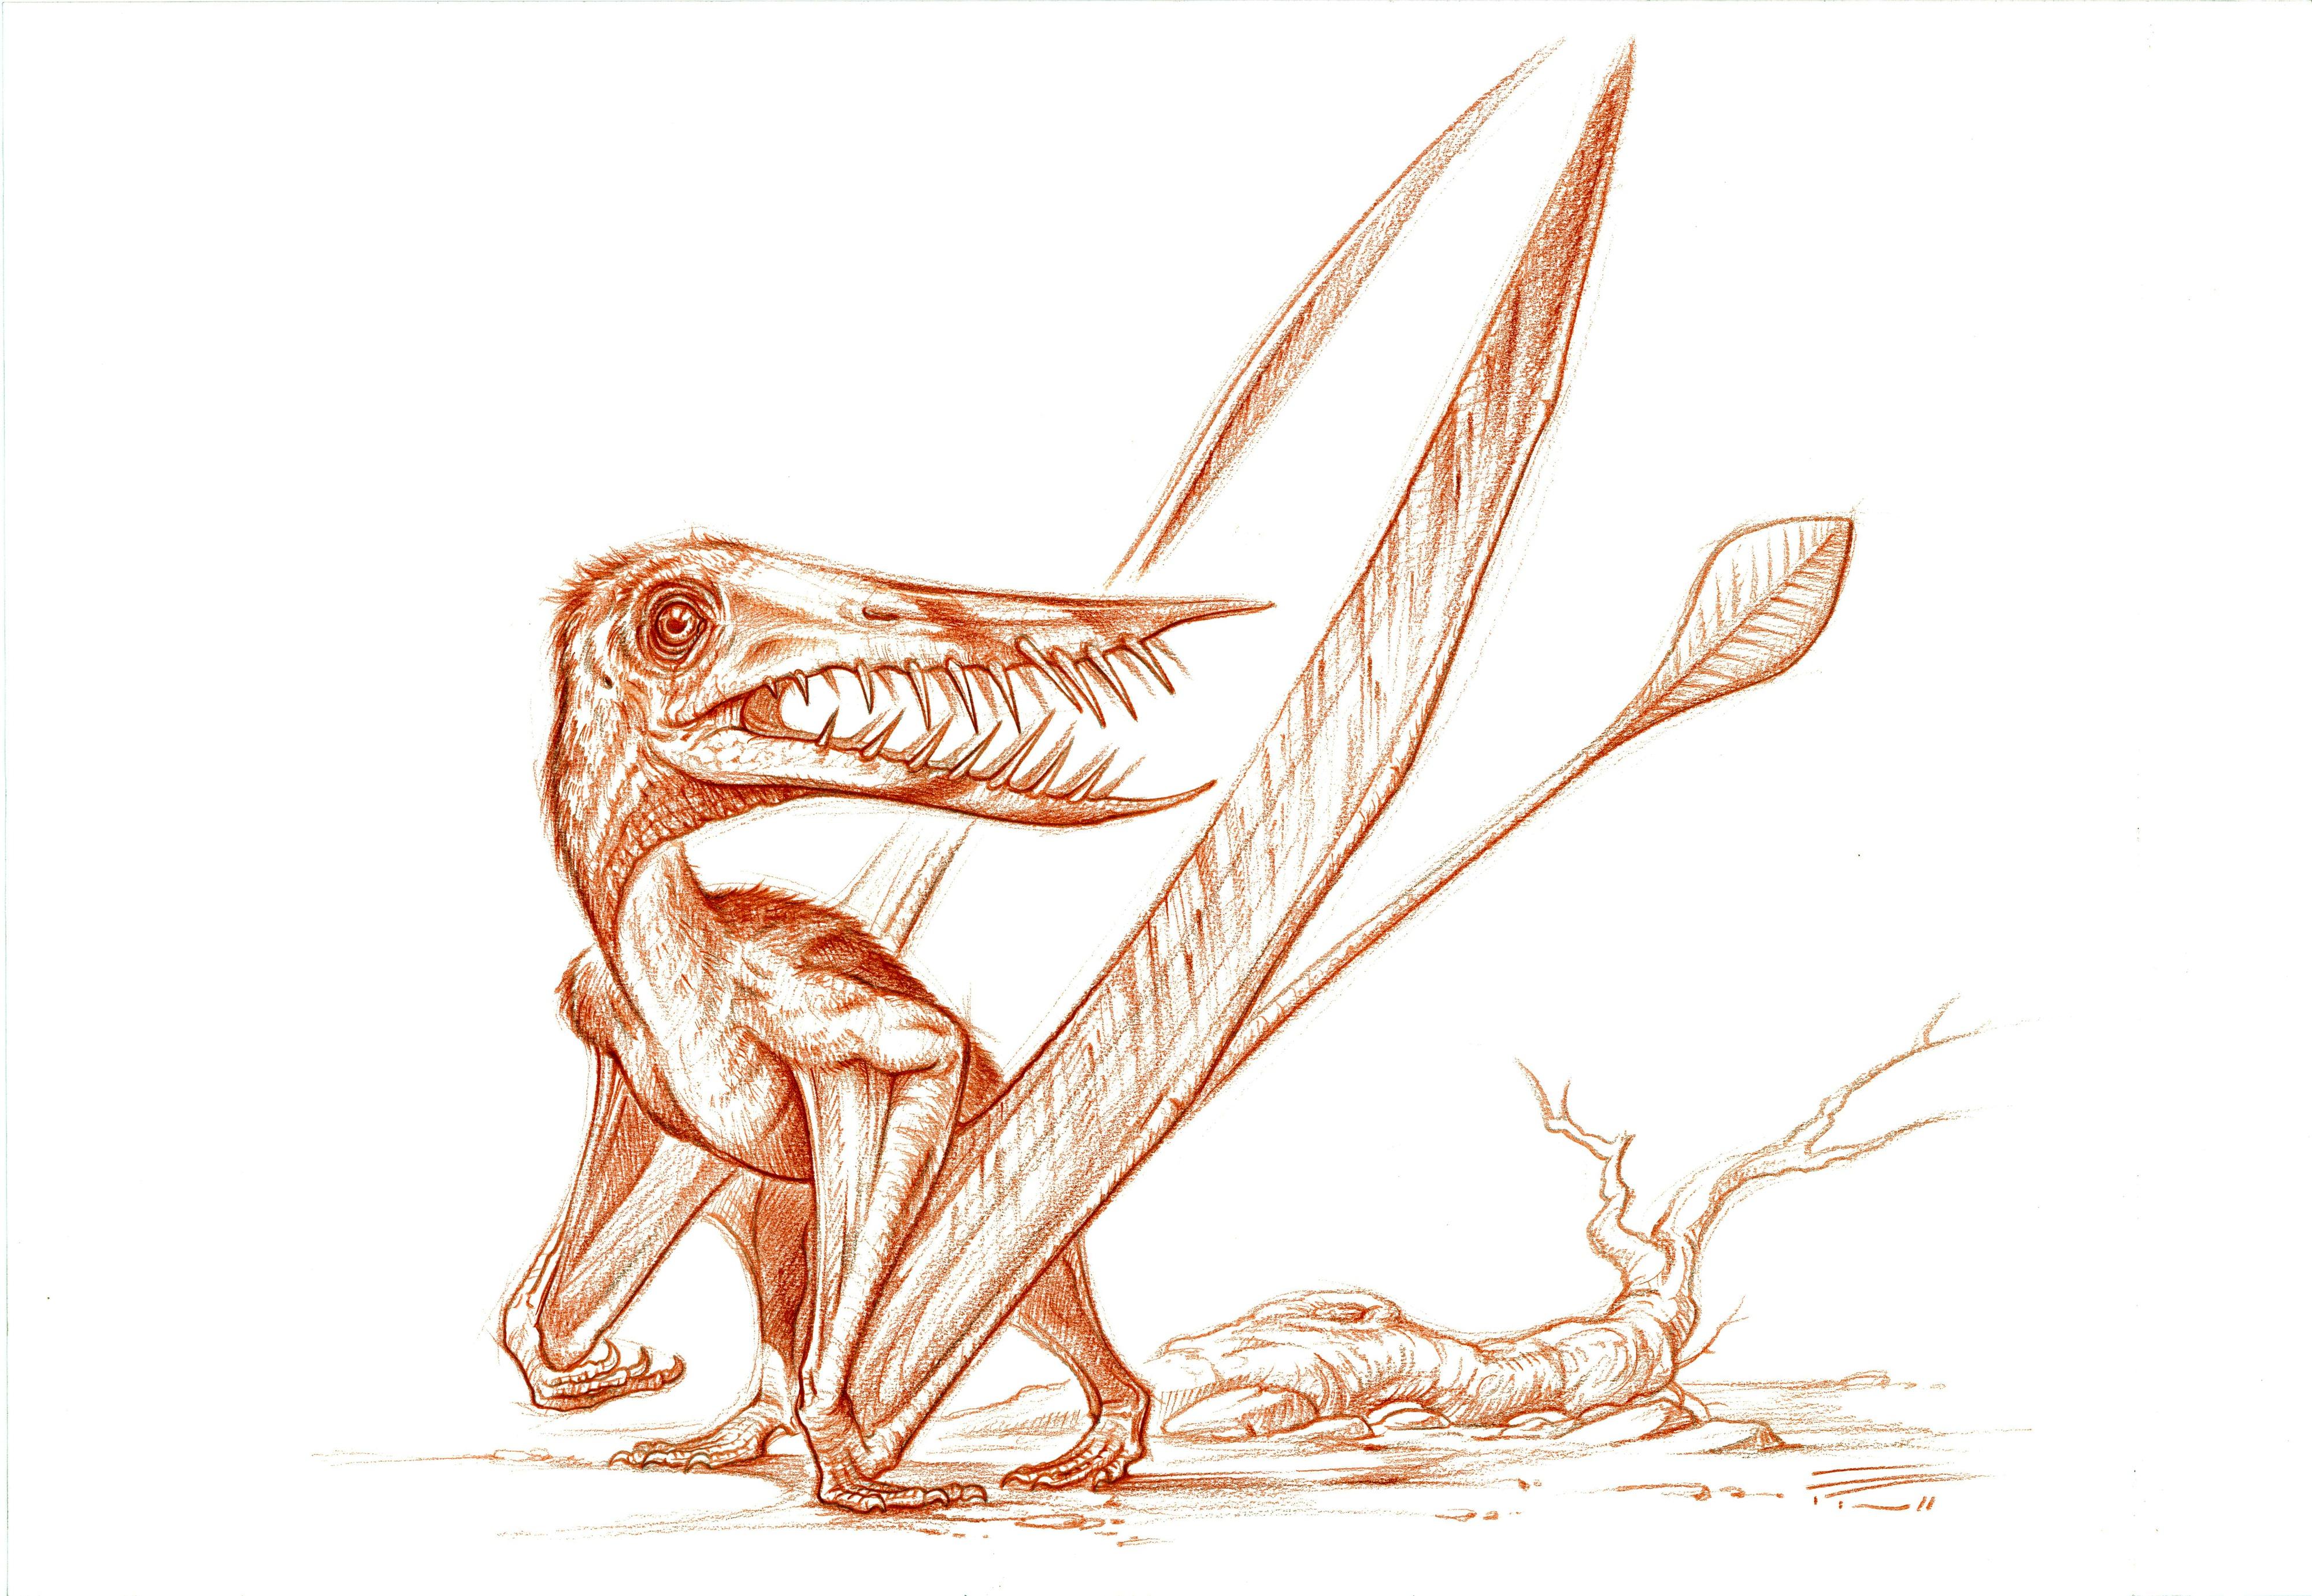 Rhamphorynchus by PaleoPastori